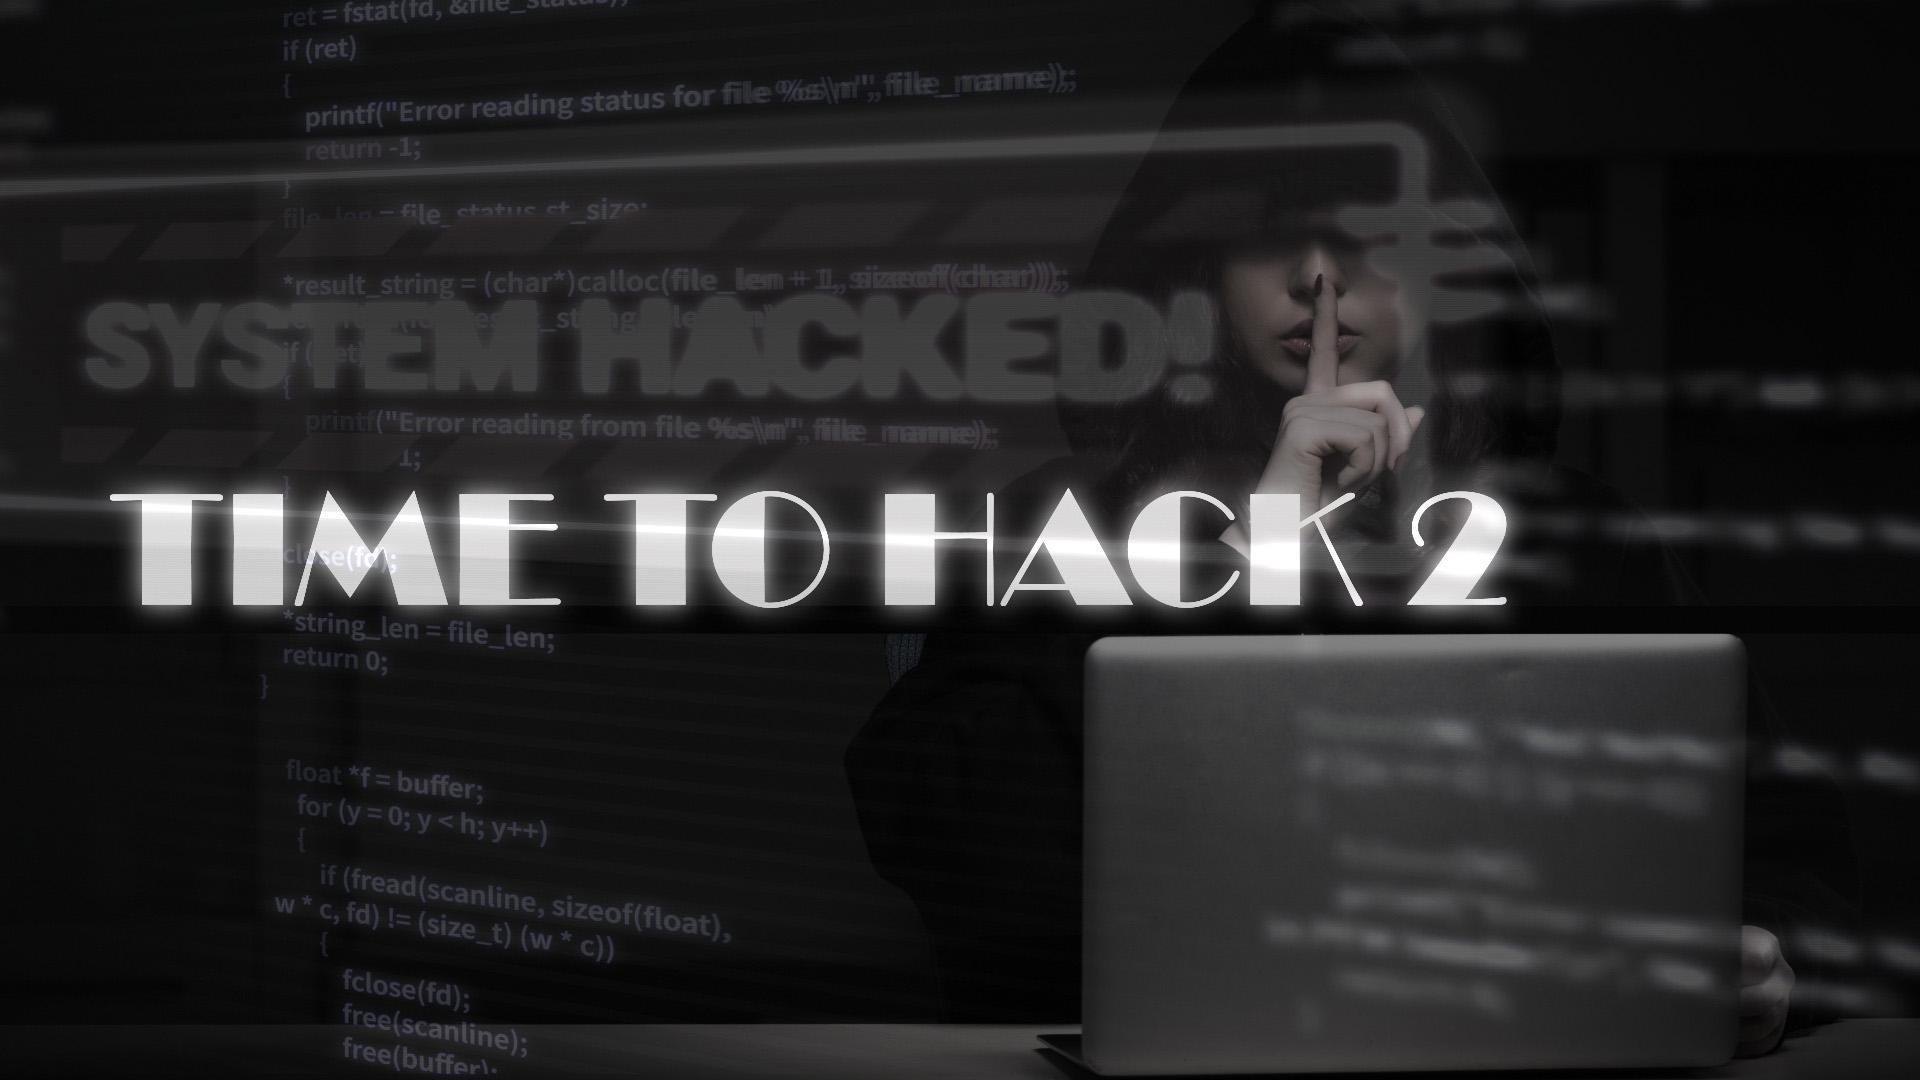 """II edycja konkursu CTF organizowanego przez Agencję Wywiadu - """"TIME TO HACK 2""""."""